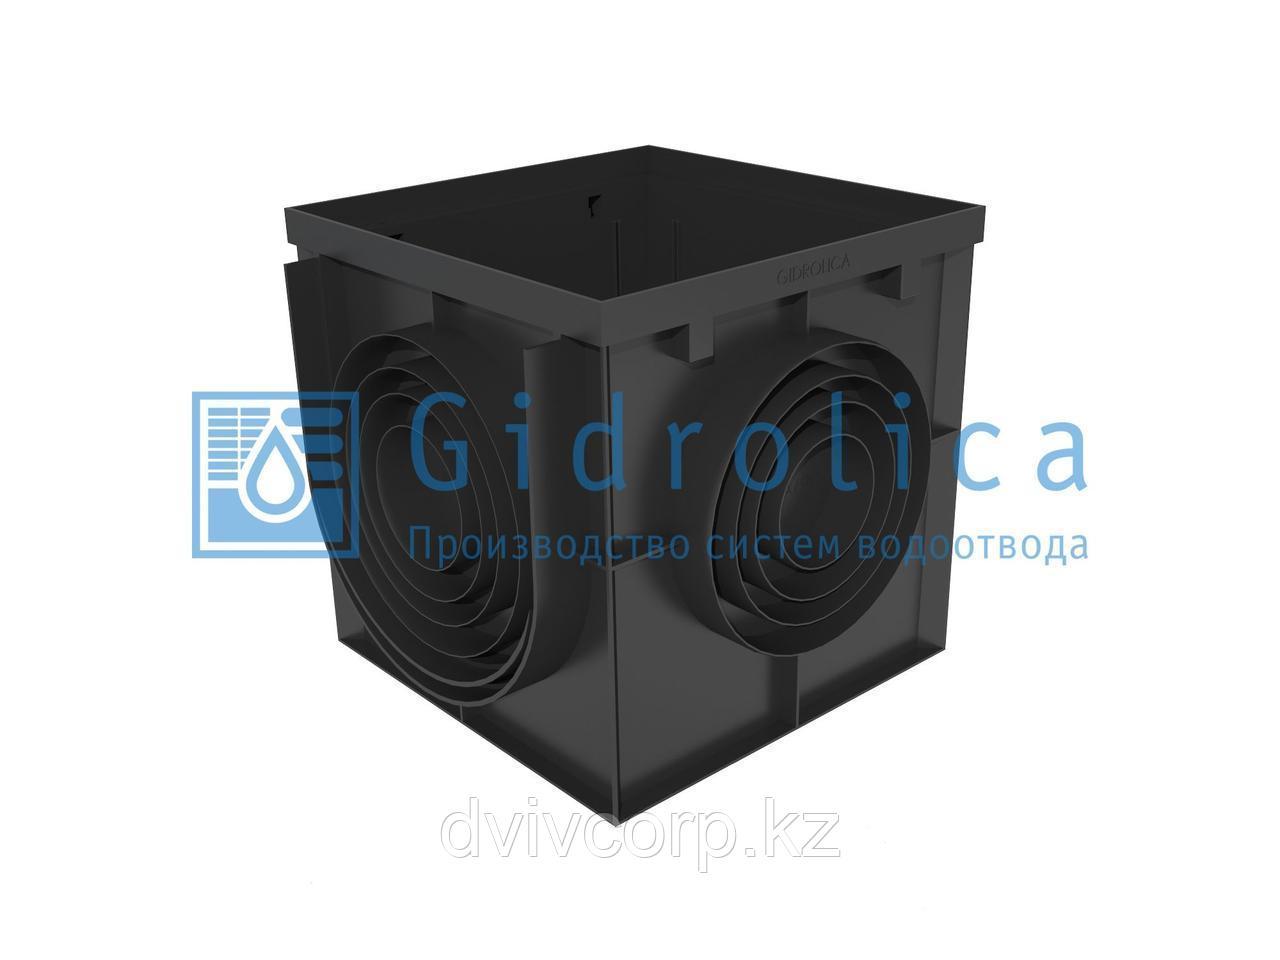 Арт. 239 Дождеприемник Gidrolica Point ДП-40.40 - пластиковый